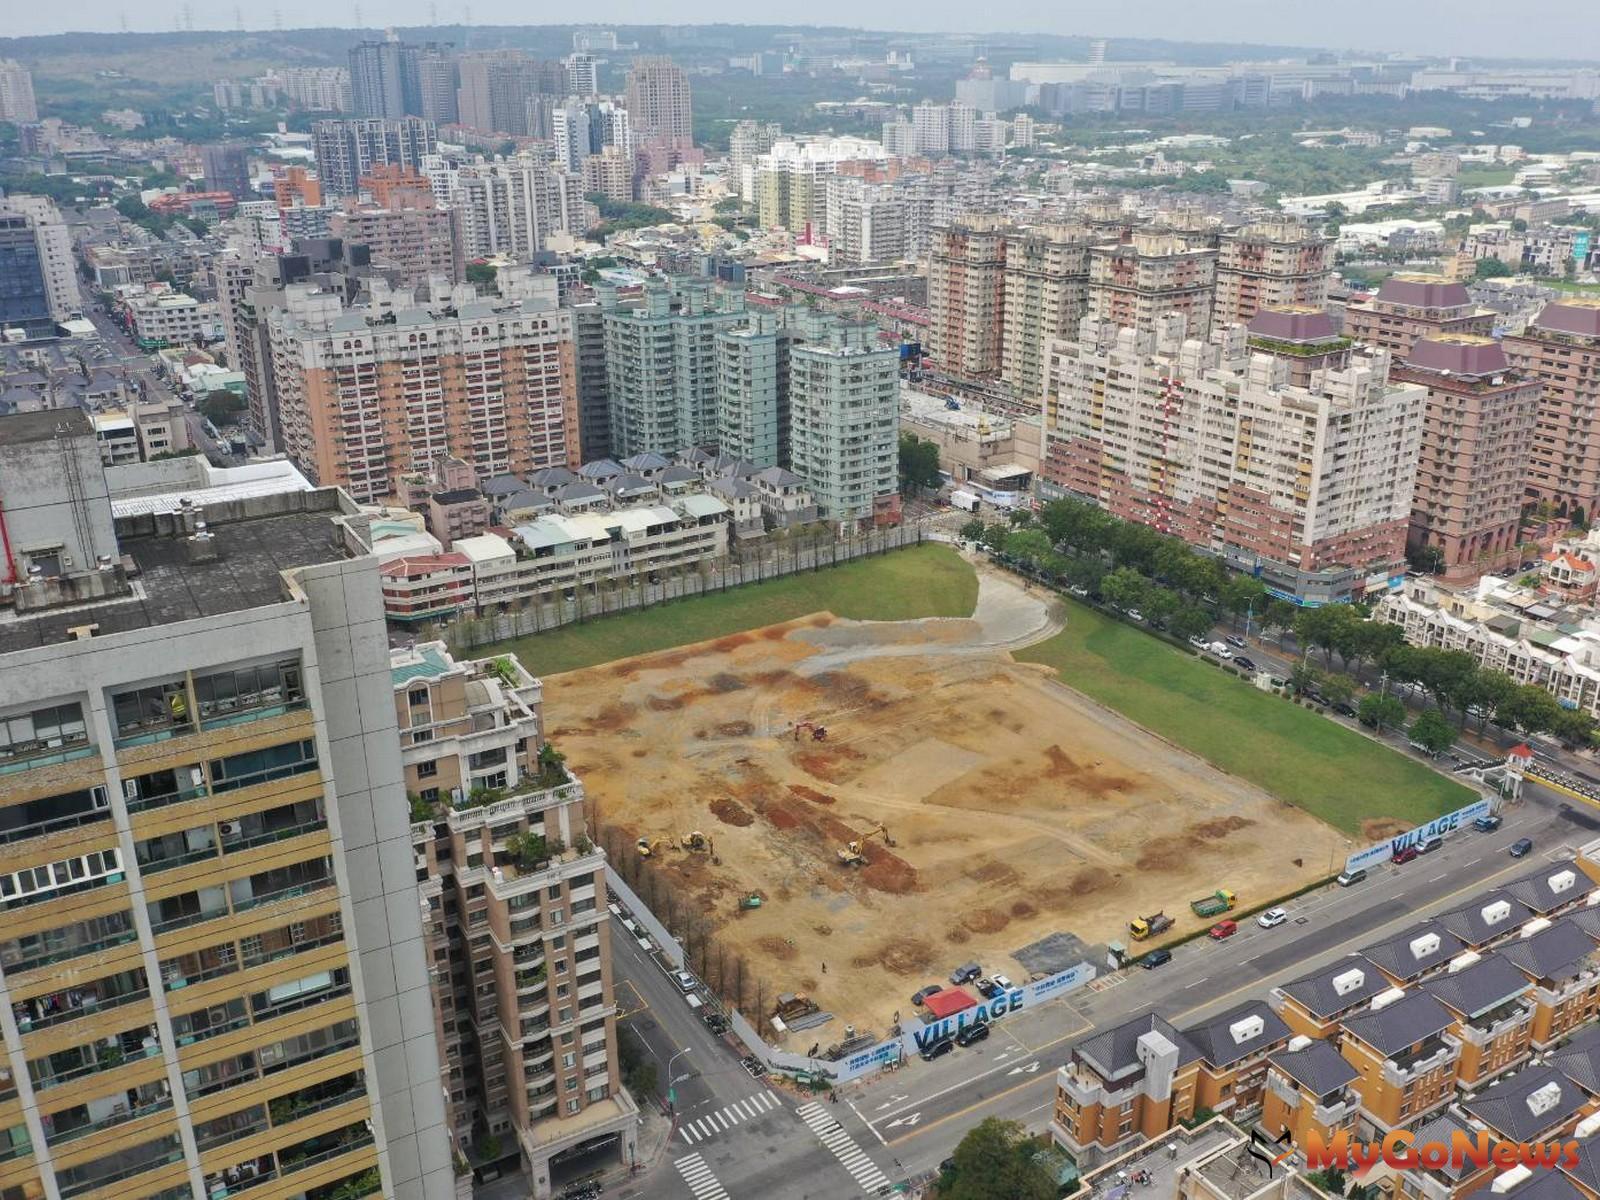 中台灣首座複合式總體規劃城區,寶輝率美日國際團隊共同打造,寶輝建設近8,000坪精華大型腹地,中科華麗銳變(圖:業者提供) MyGoNews房地產新聞 市場快訊